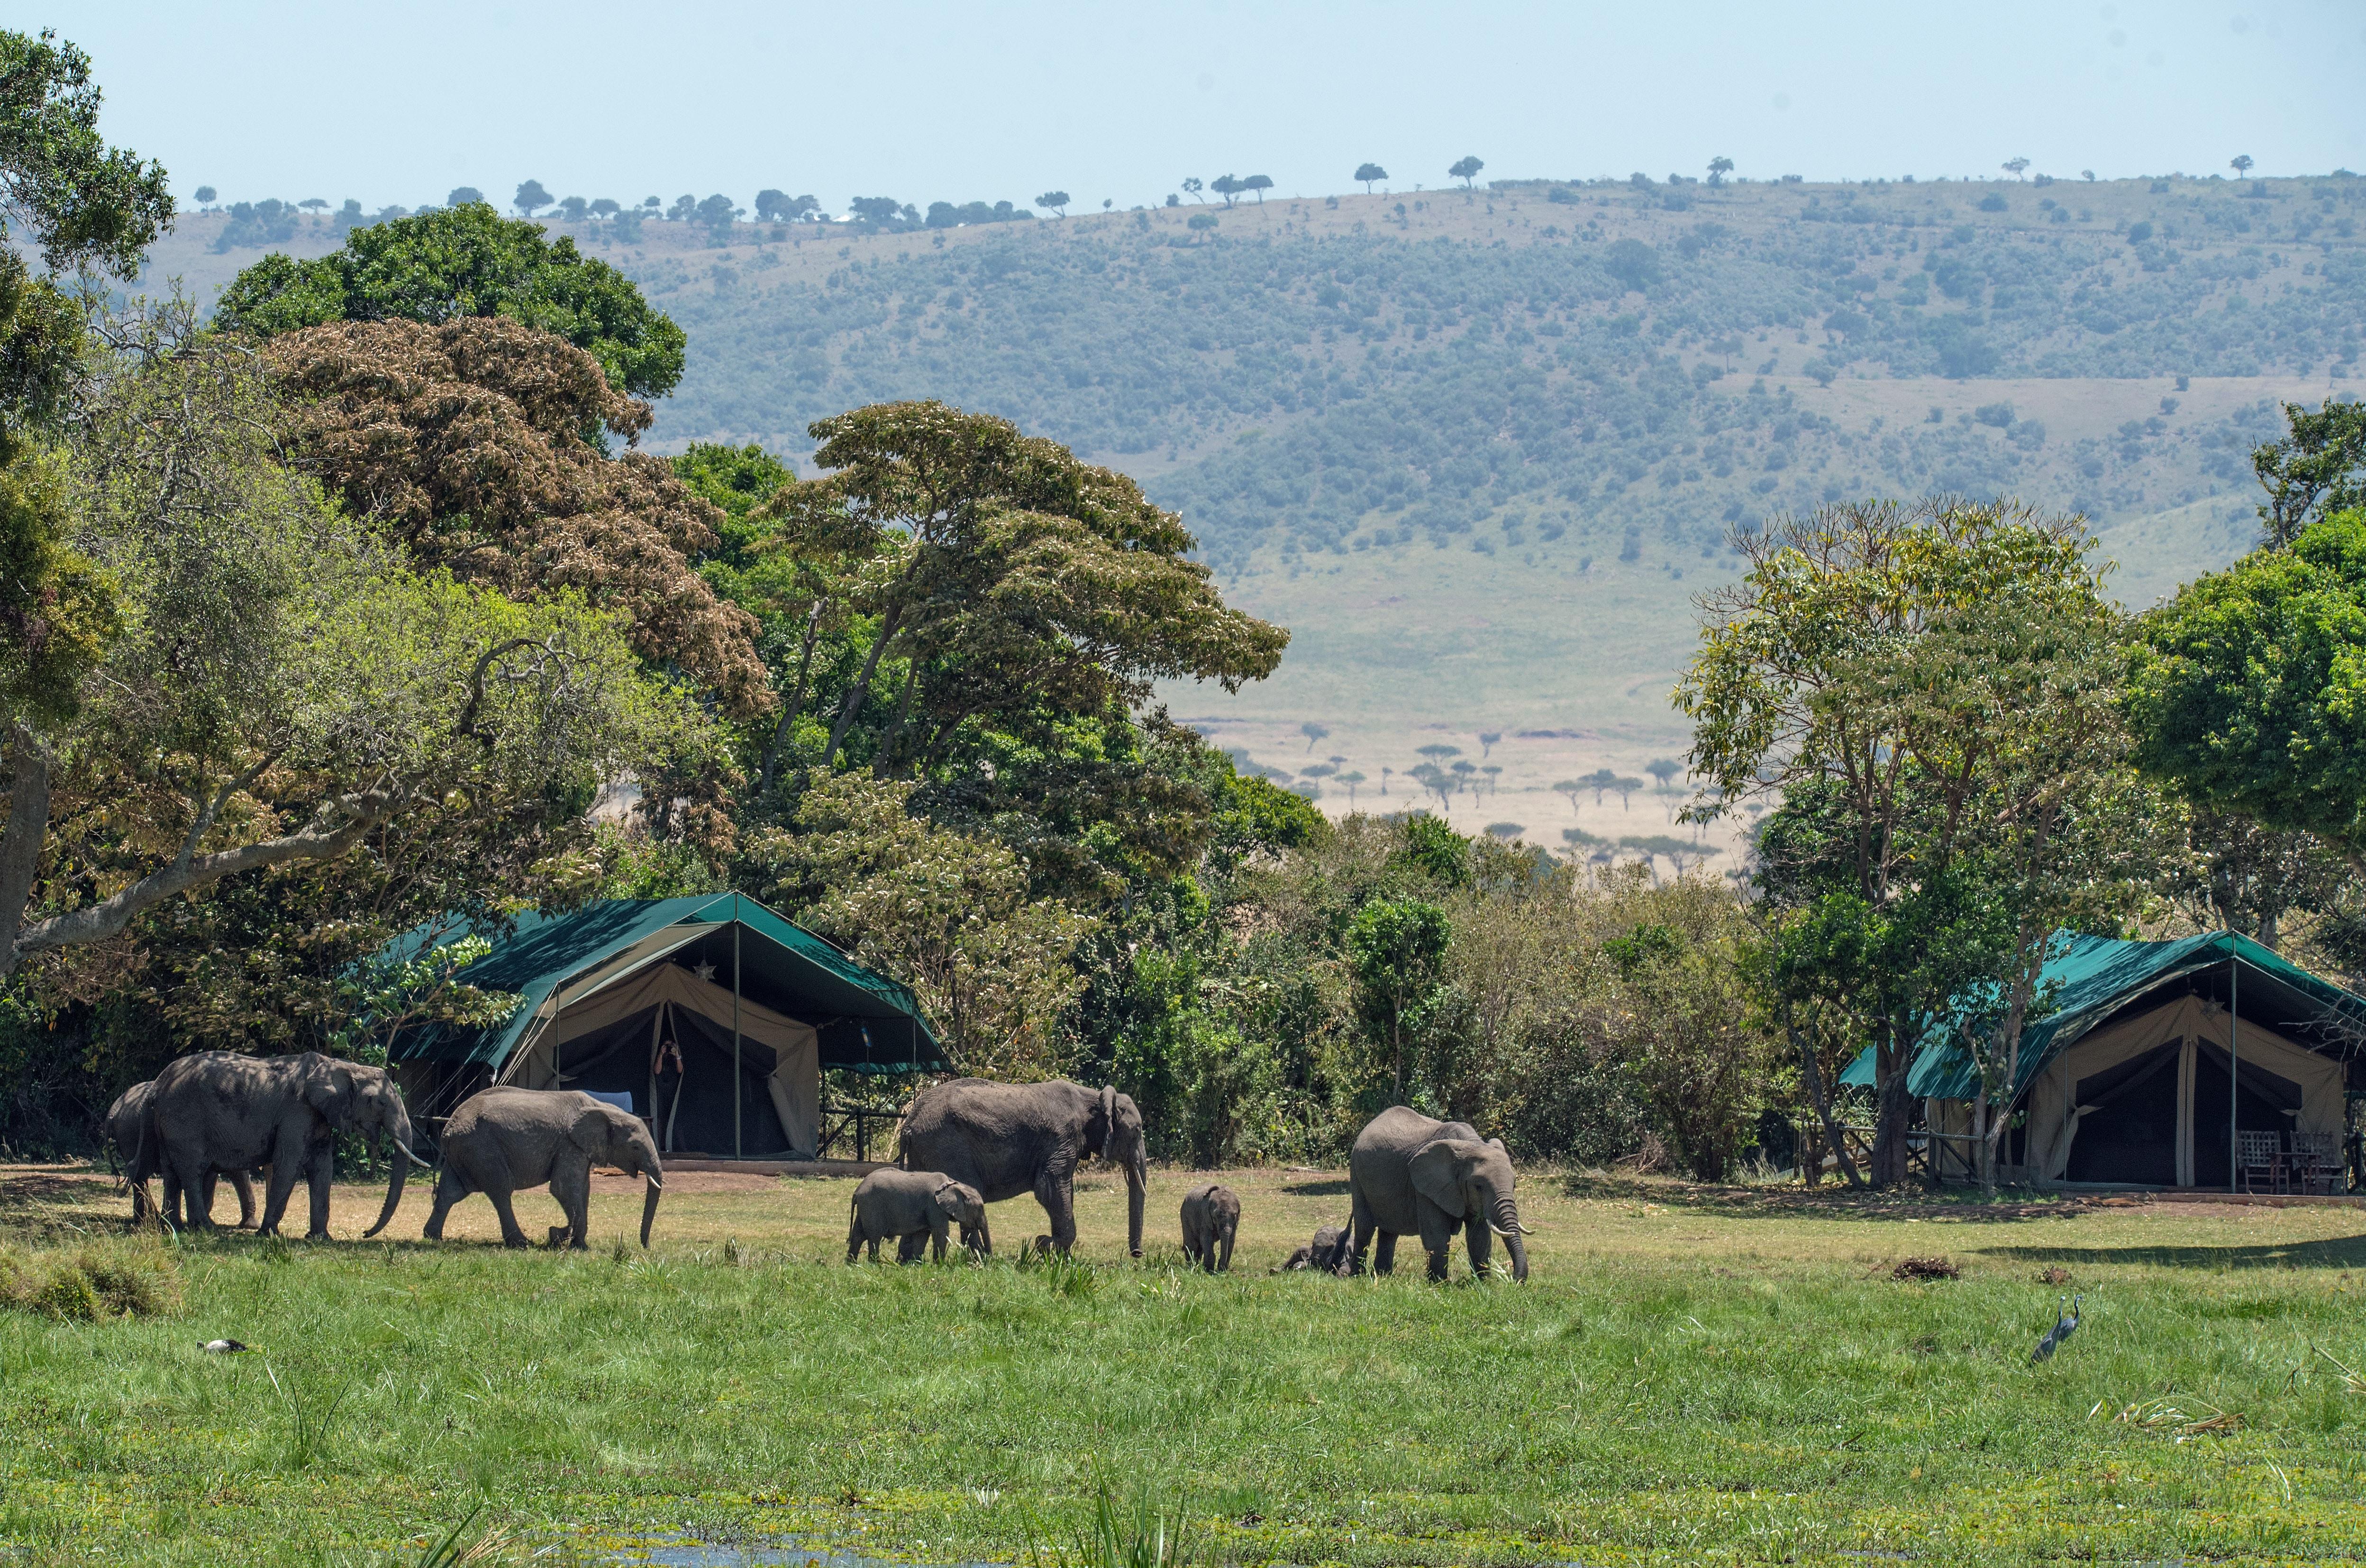 hotel-in-masai-mara-kenya